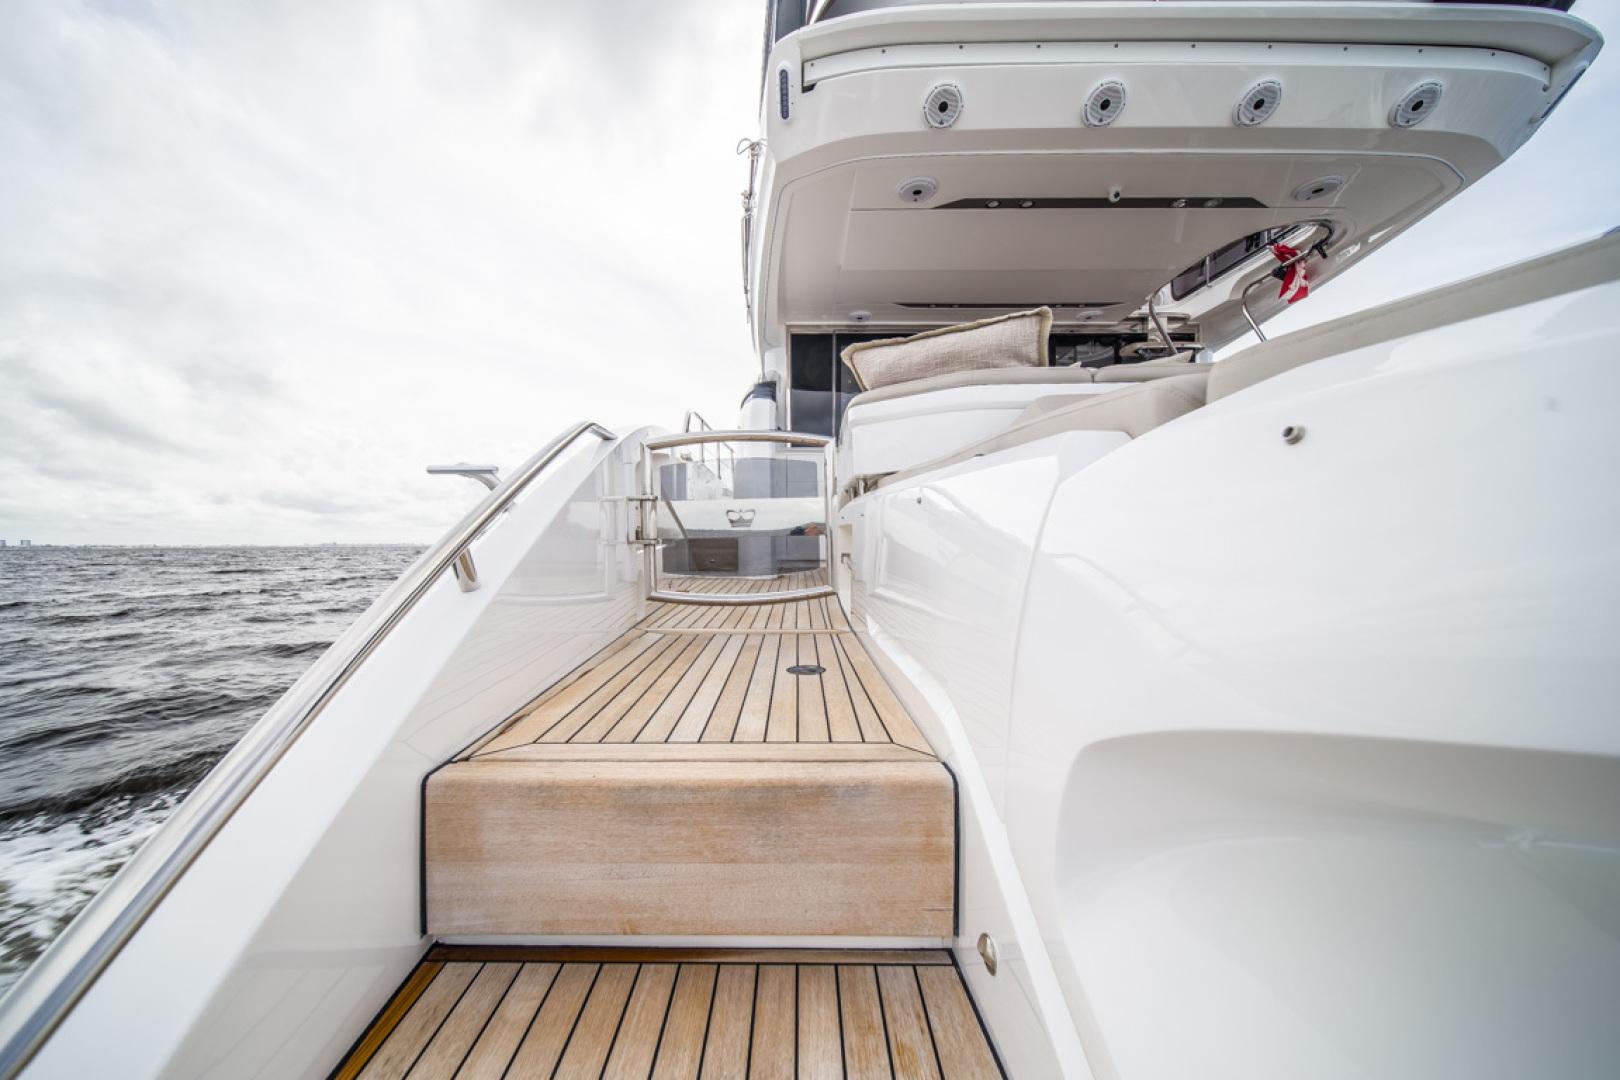 Princess-S65 2019-Paragon Cape Coral-Florida-United States-2019 65 Princess S65-Paragon Access-1510249 | Thumbnail